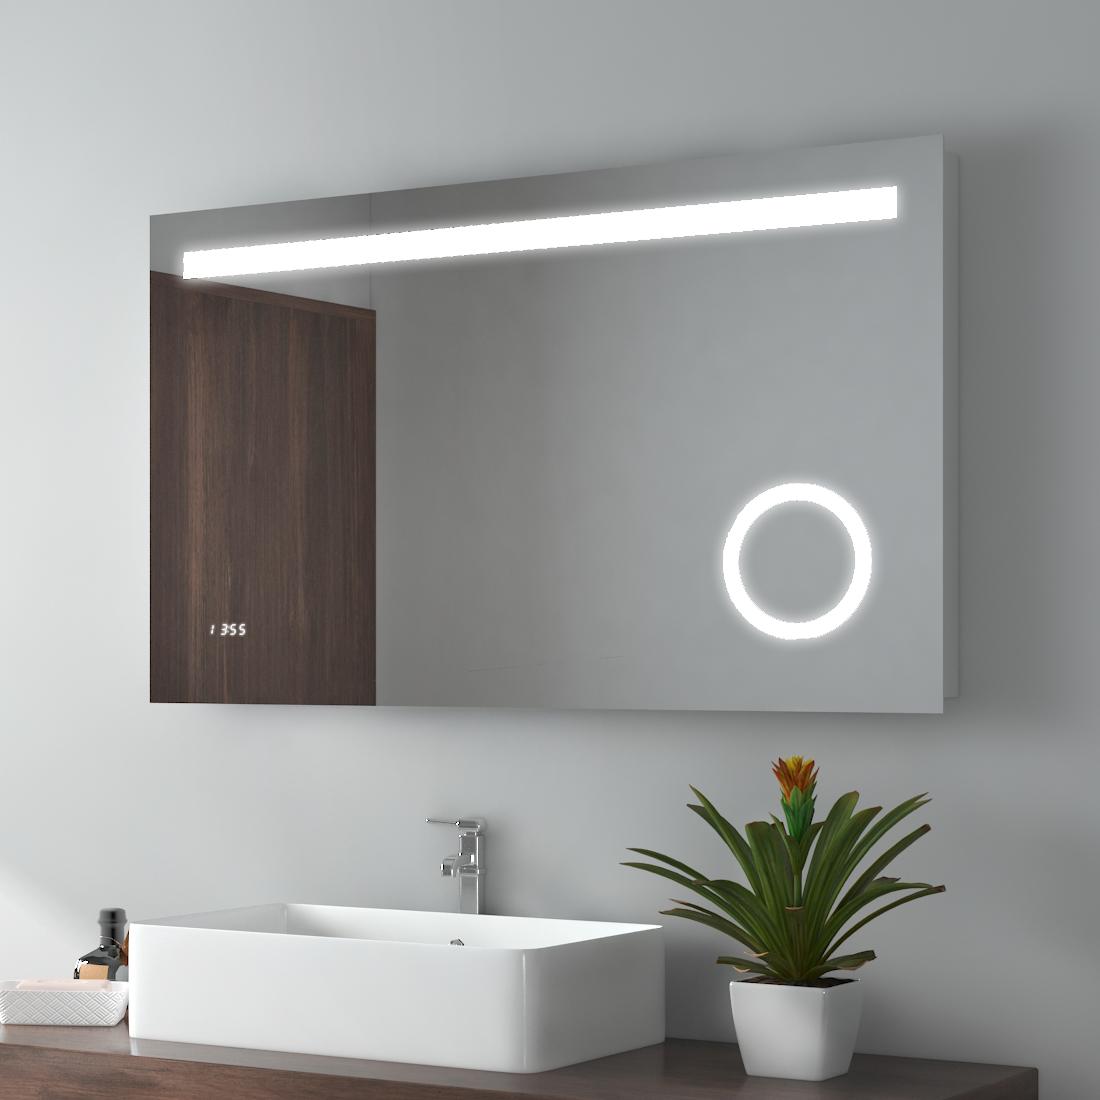 Luz De Led 3x Com Lente De Aumento Espelho De Parede Banheiro Maquiagem Sensor Switch Relogio Tempo Ebay